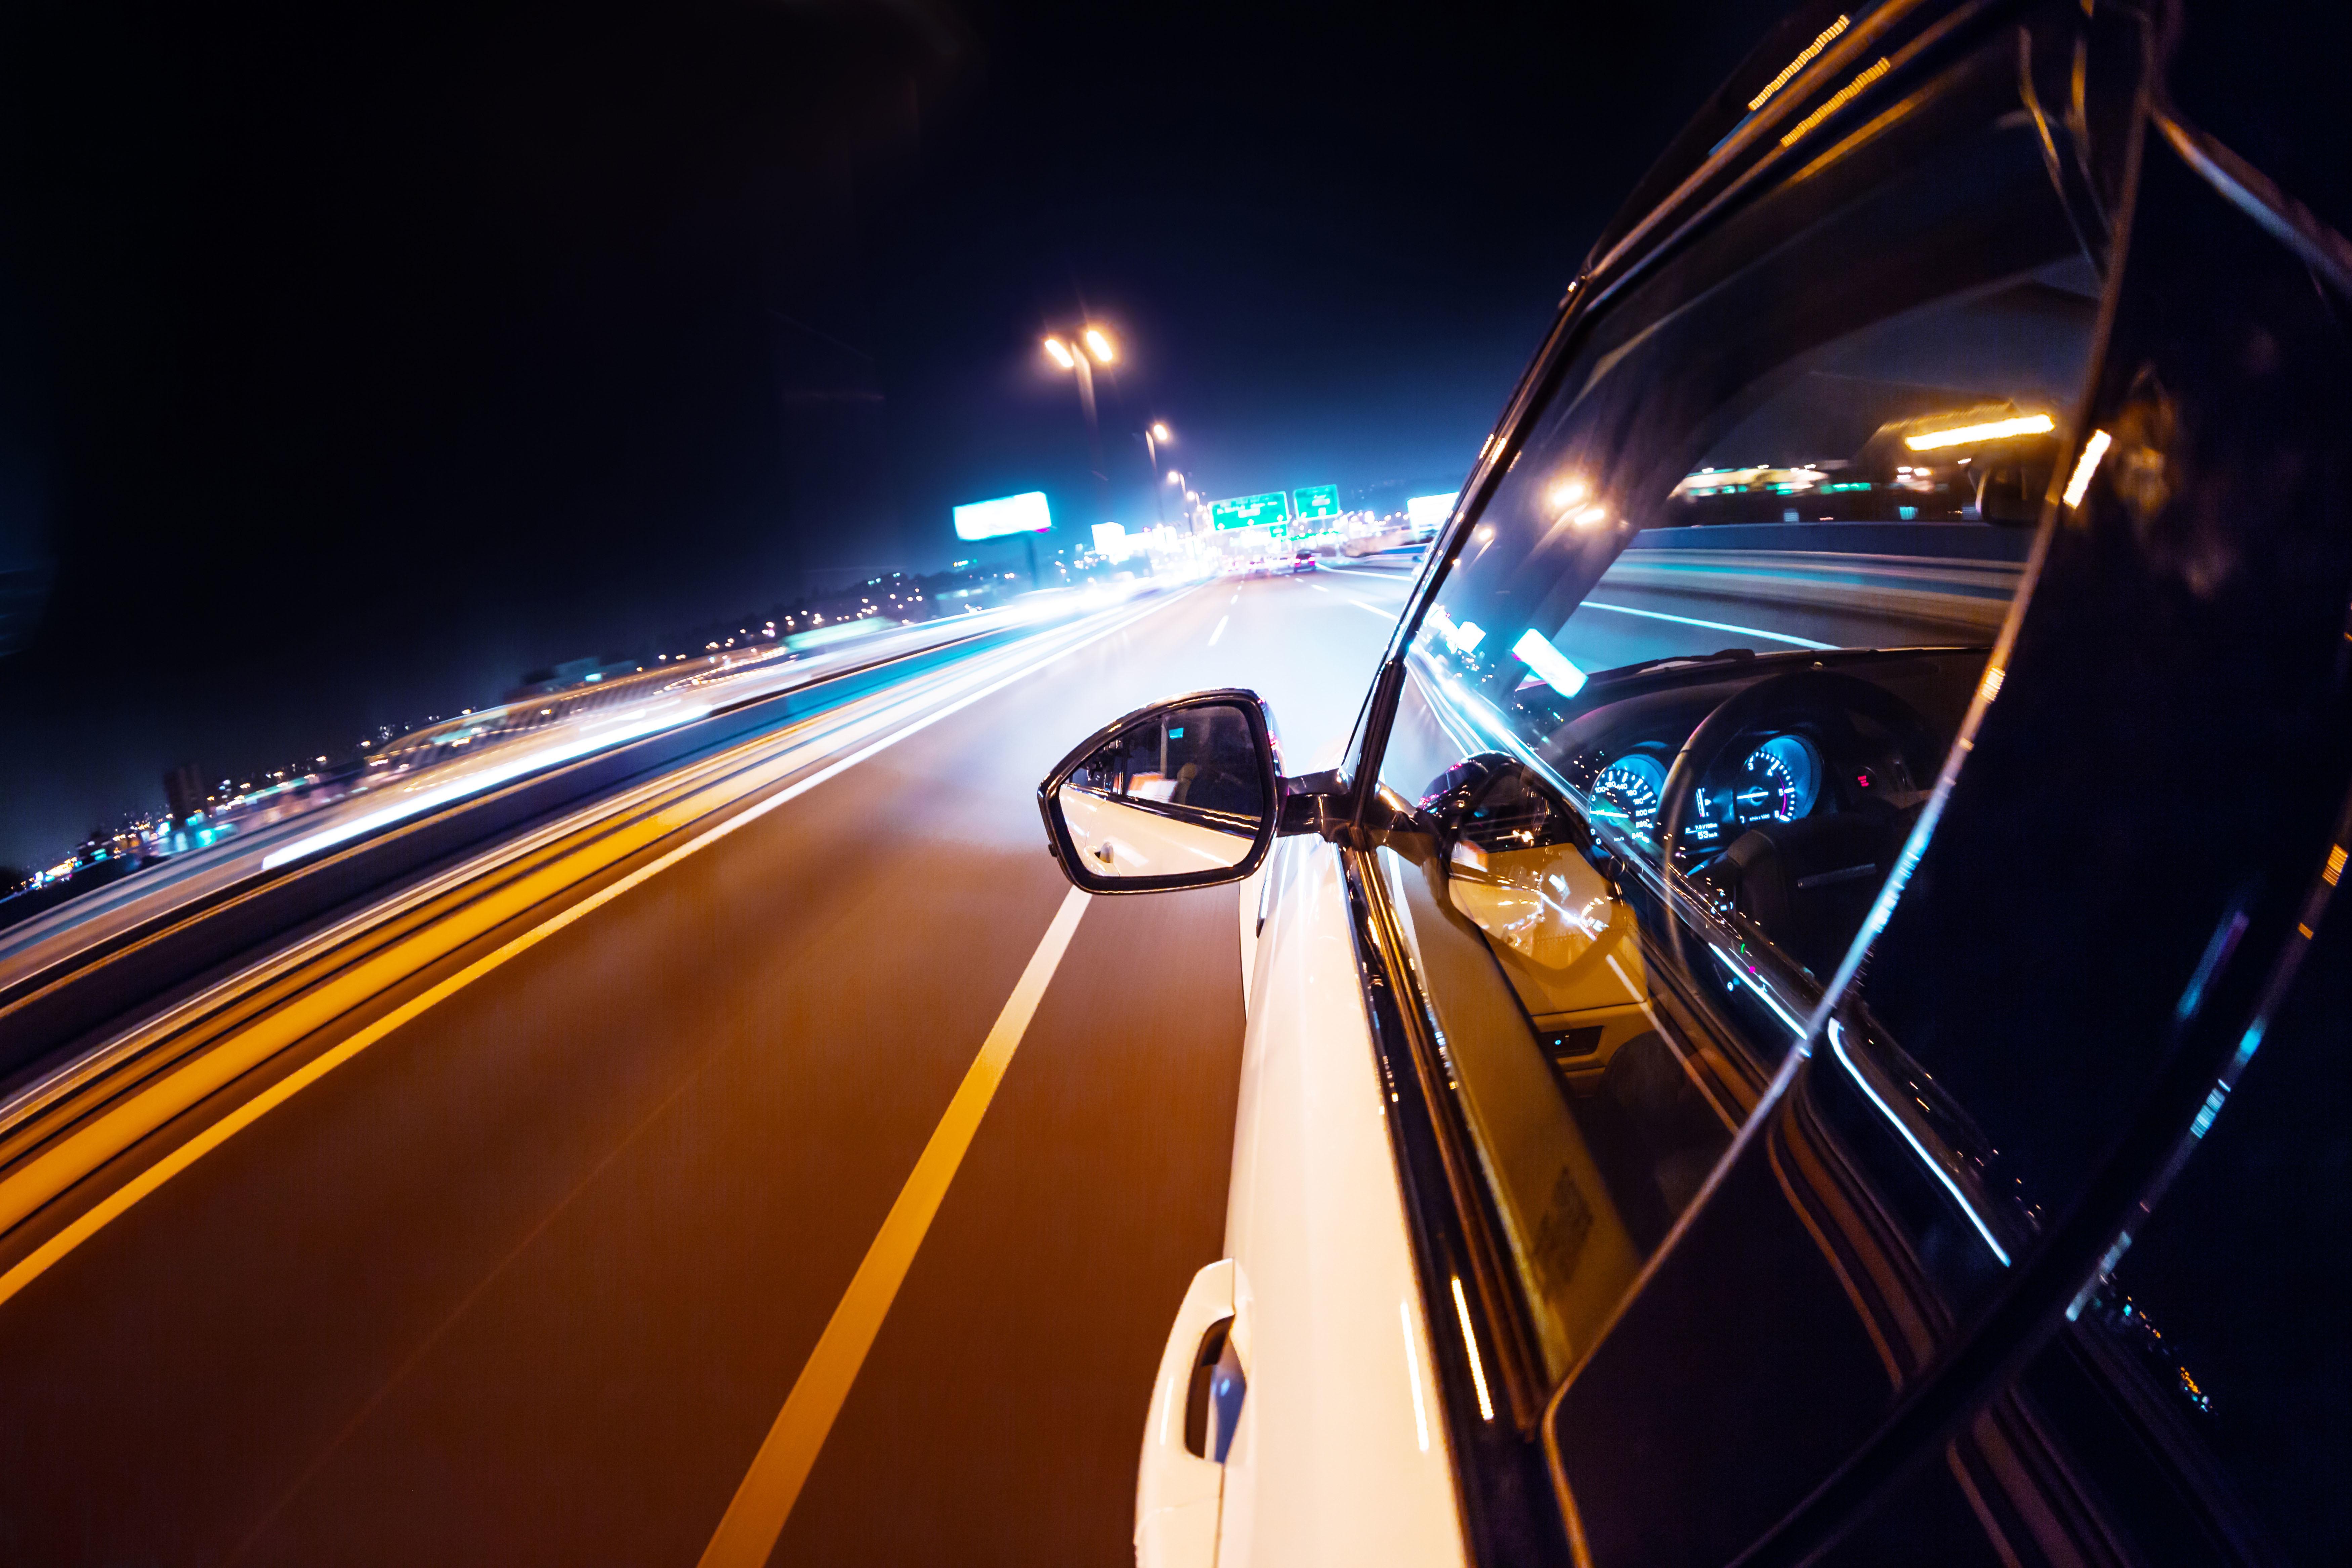 некачественный красивое фото ночной трассы из авто выпускникам